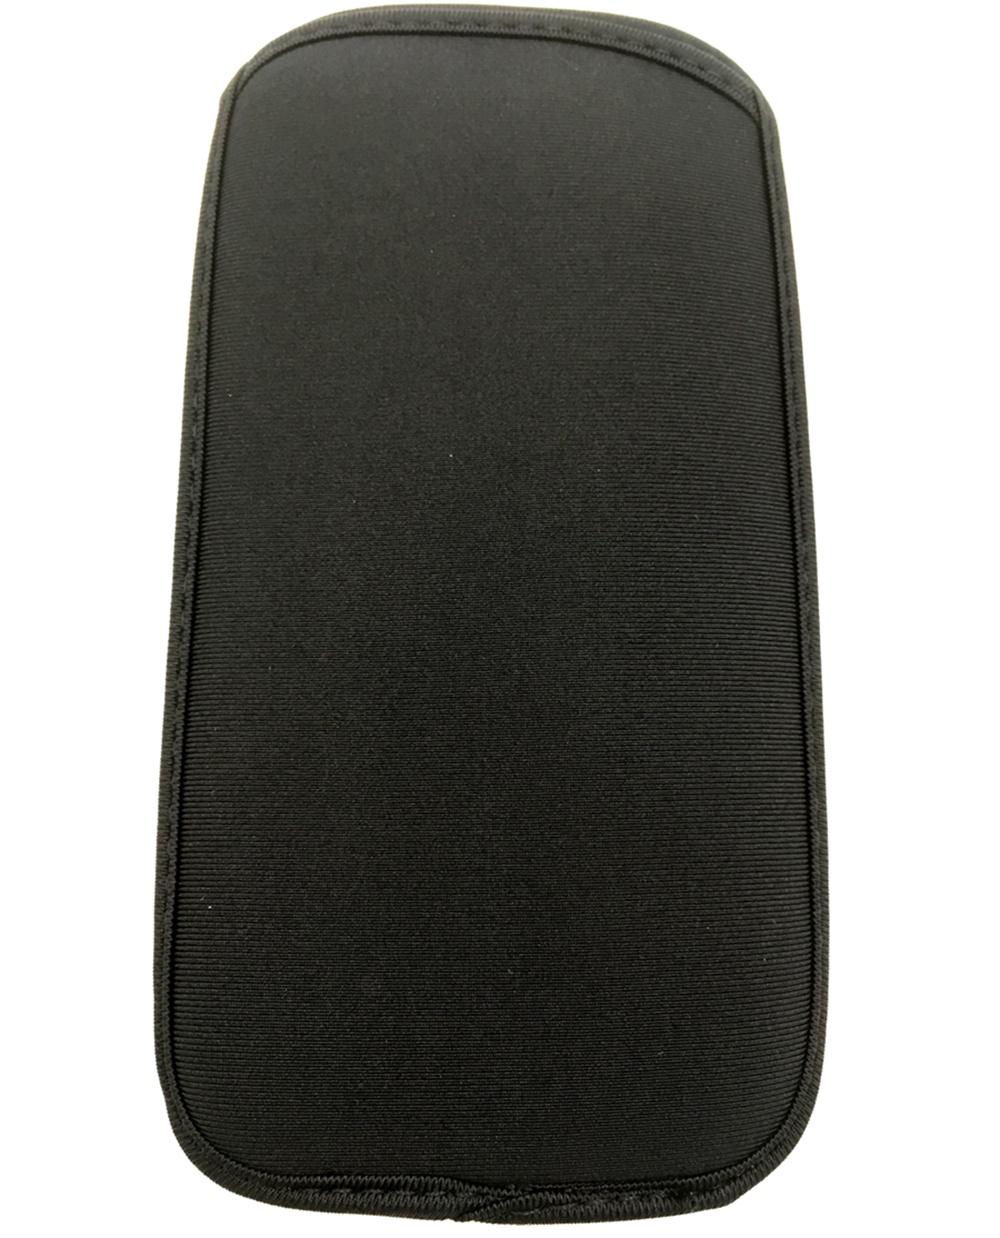 Чехол для сотового телефона Мобильная Мода Универсальный погружной чехол-кошелек для телефона, черный